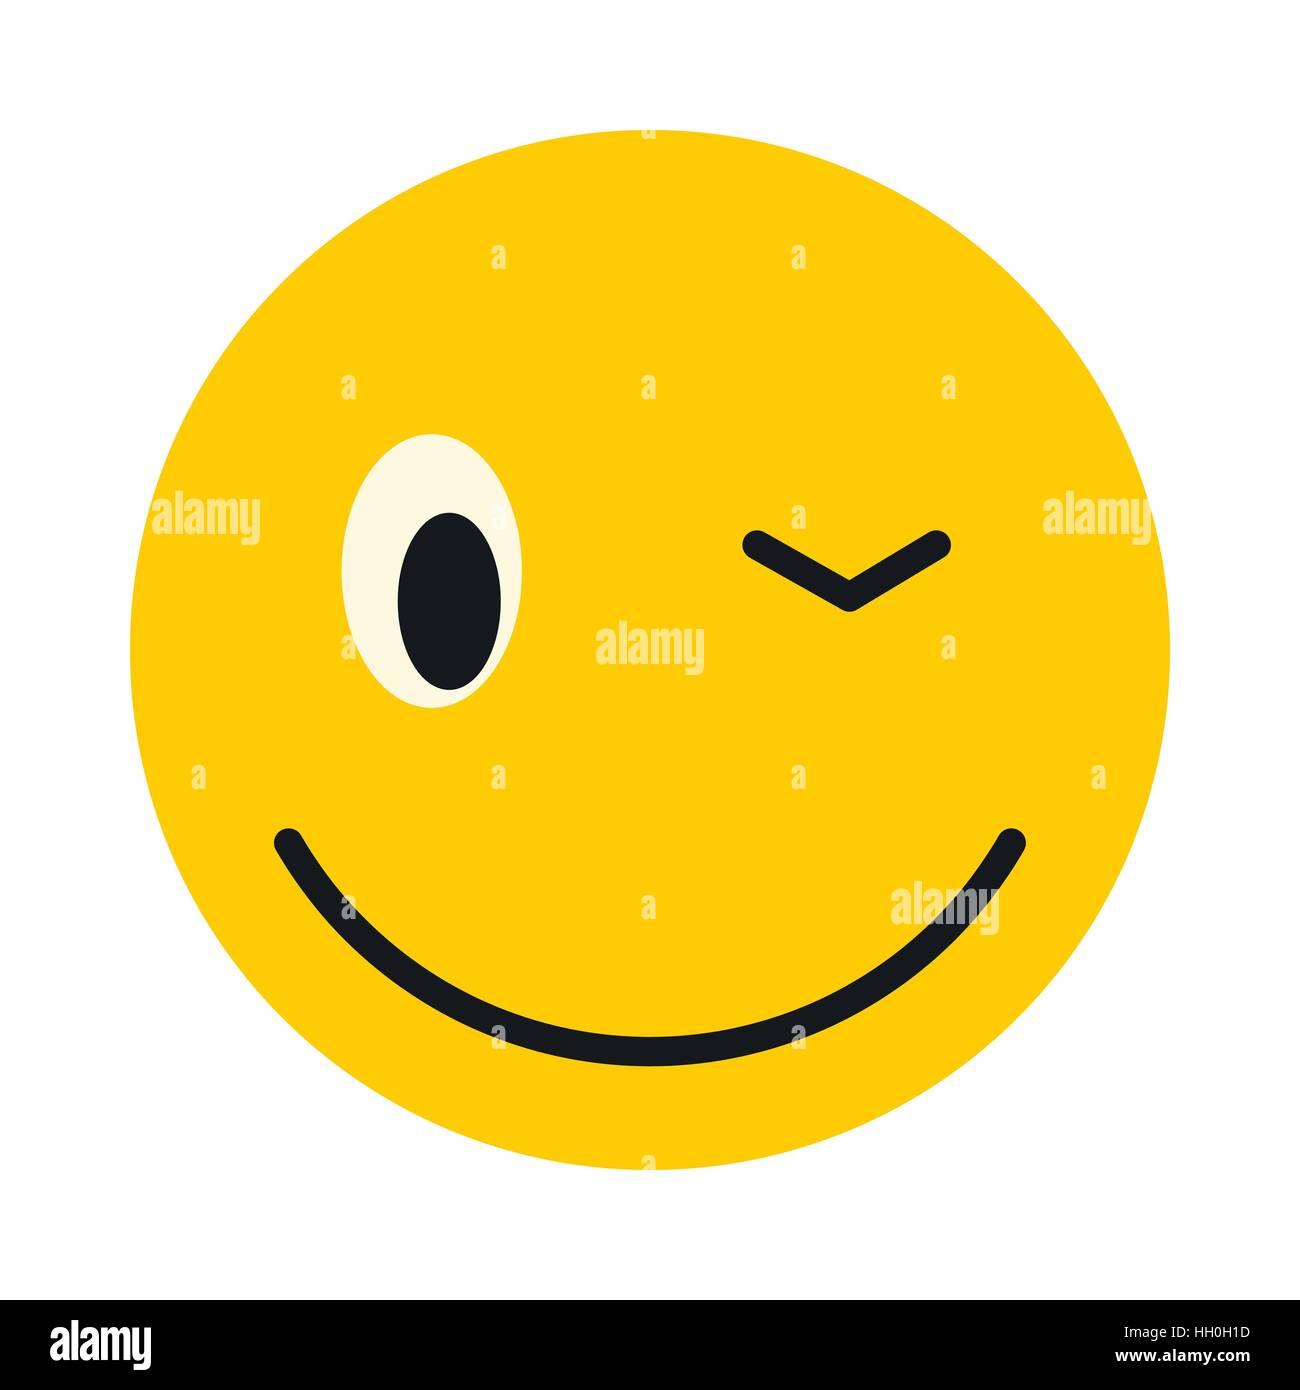 Zeichen zwinker smiley patecchandchi: Zwinker